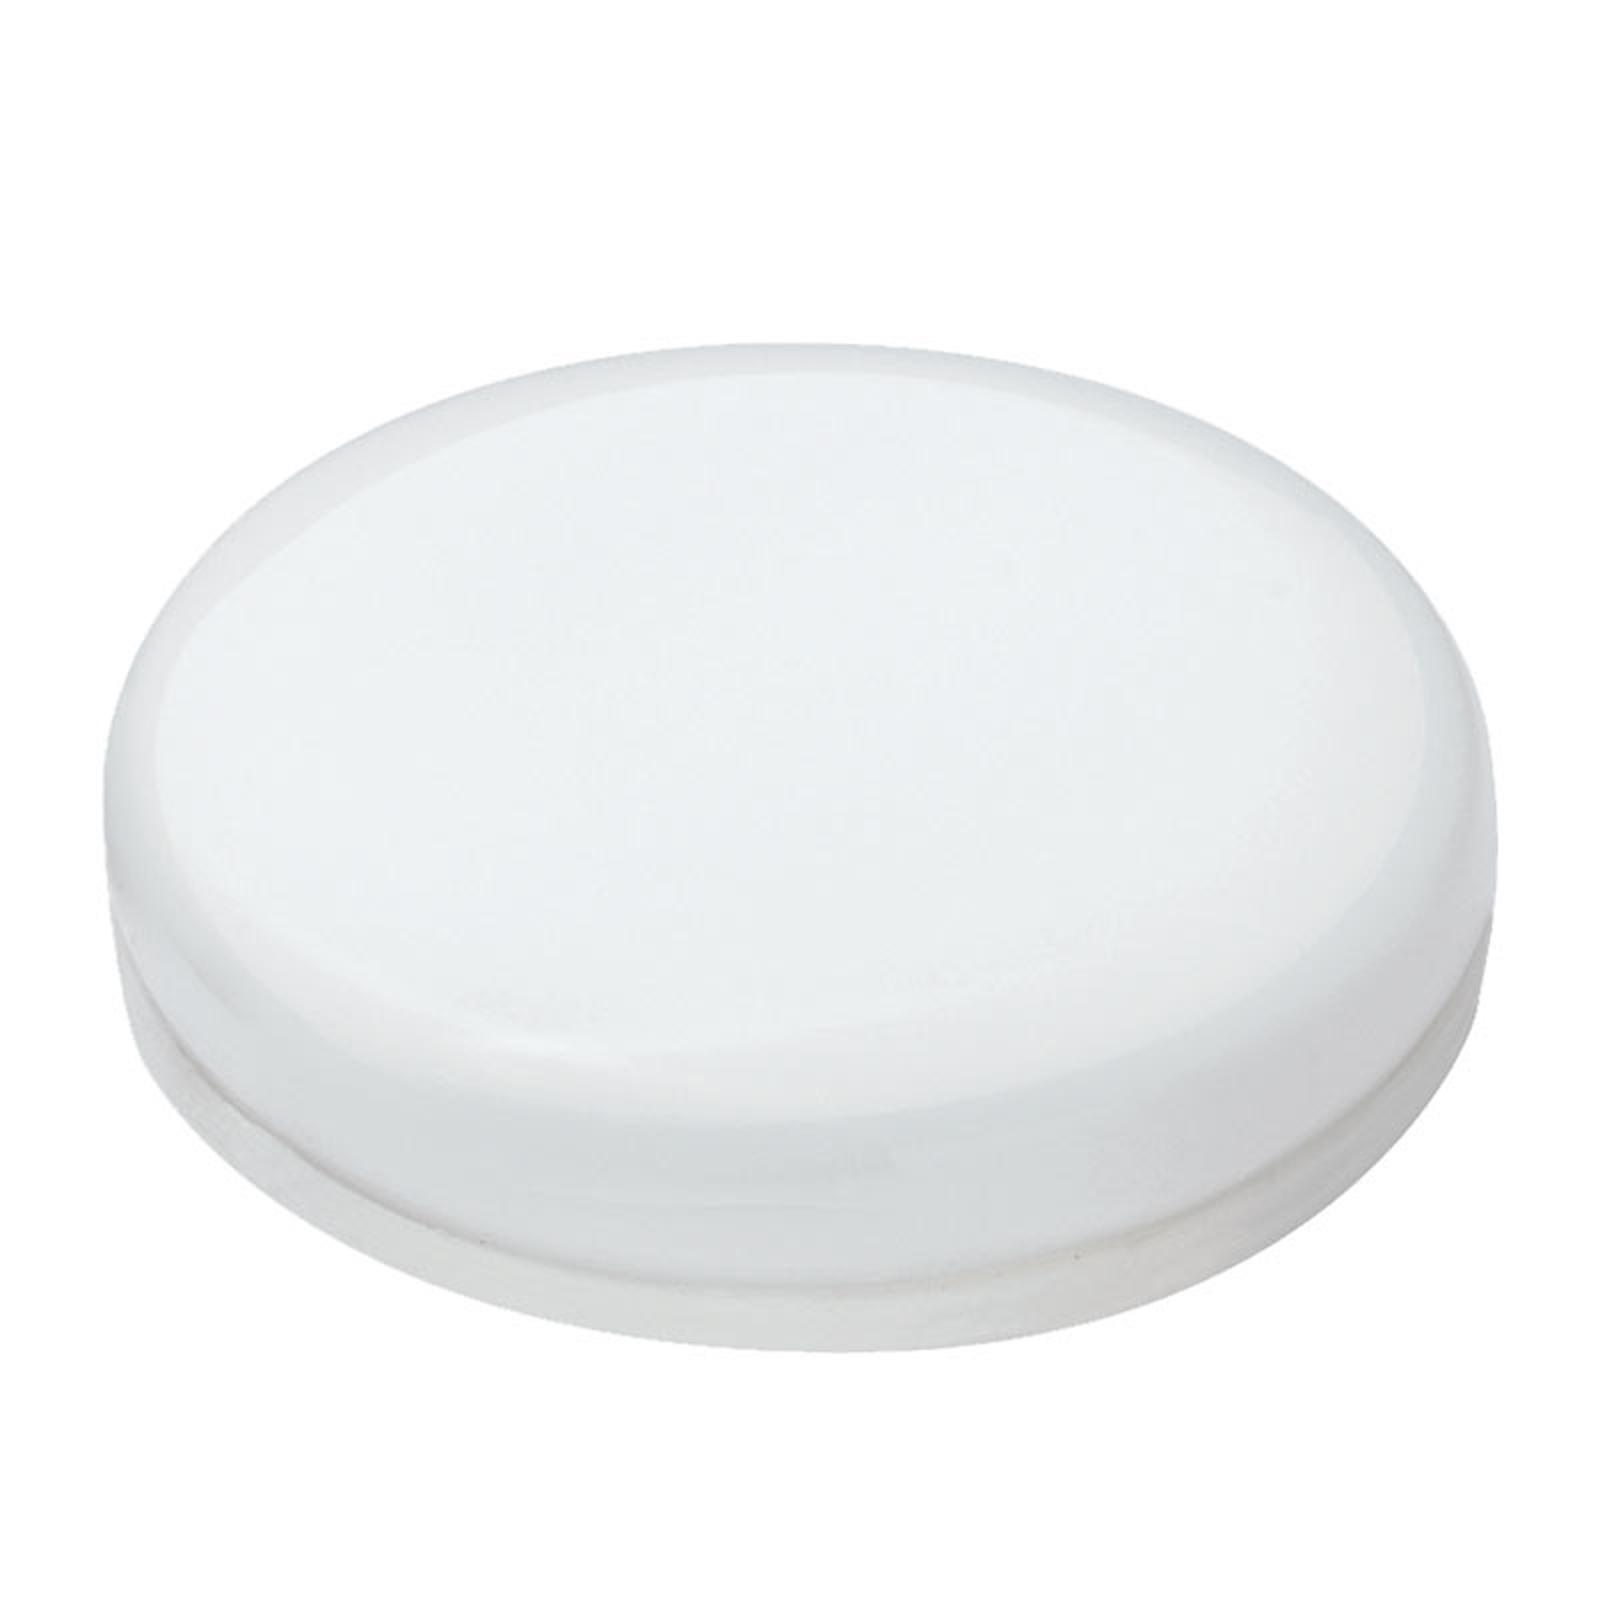 LED-lamppu GX53 6W lämmin valkoinen, himmennettävä